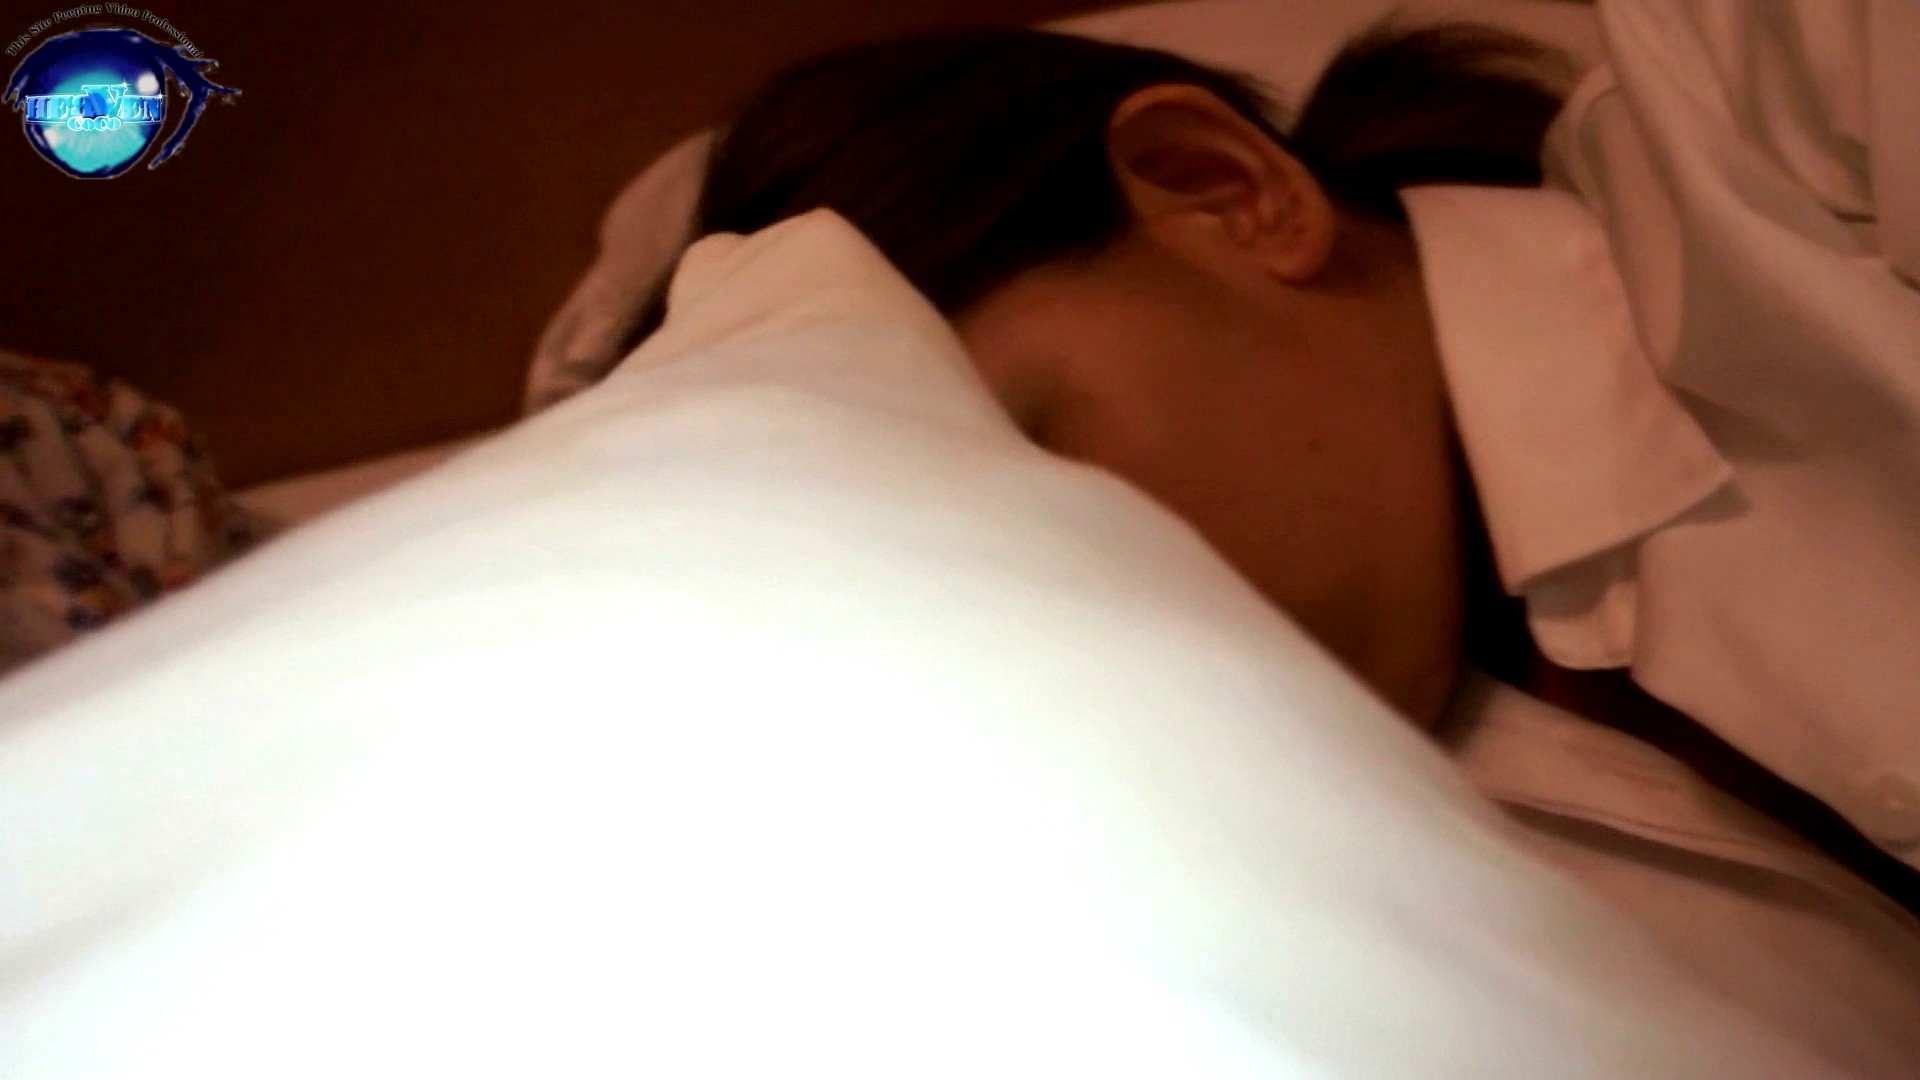 睡魔 シュウライ 第八話 盗撮シリーズ  106PIX 76